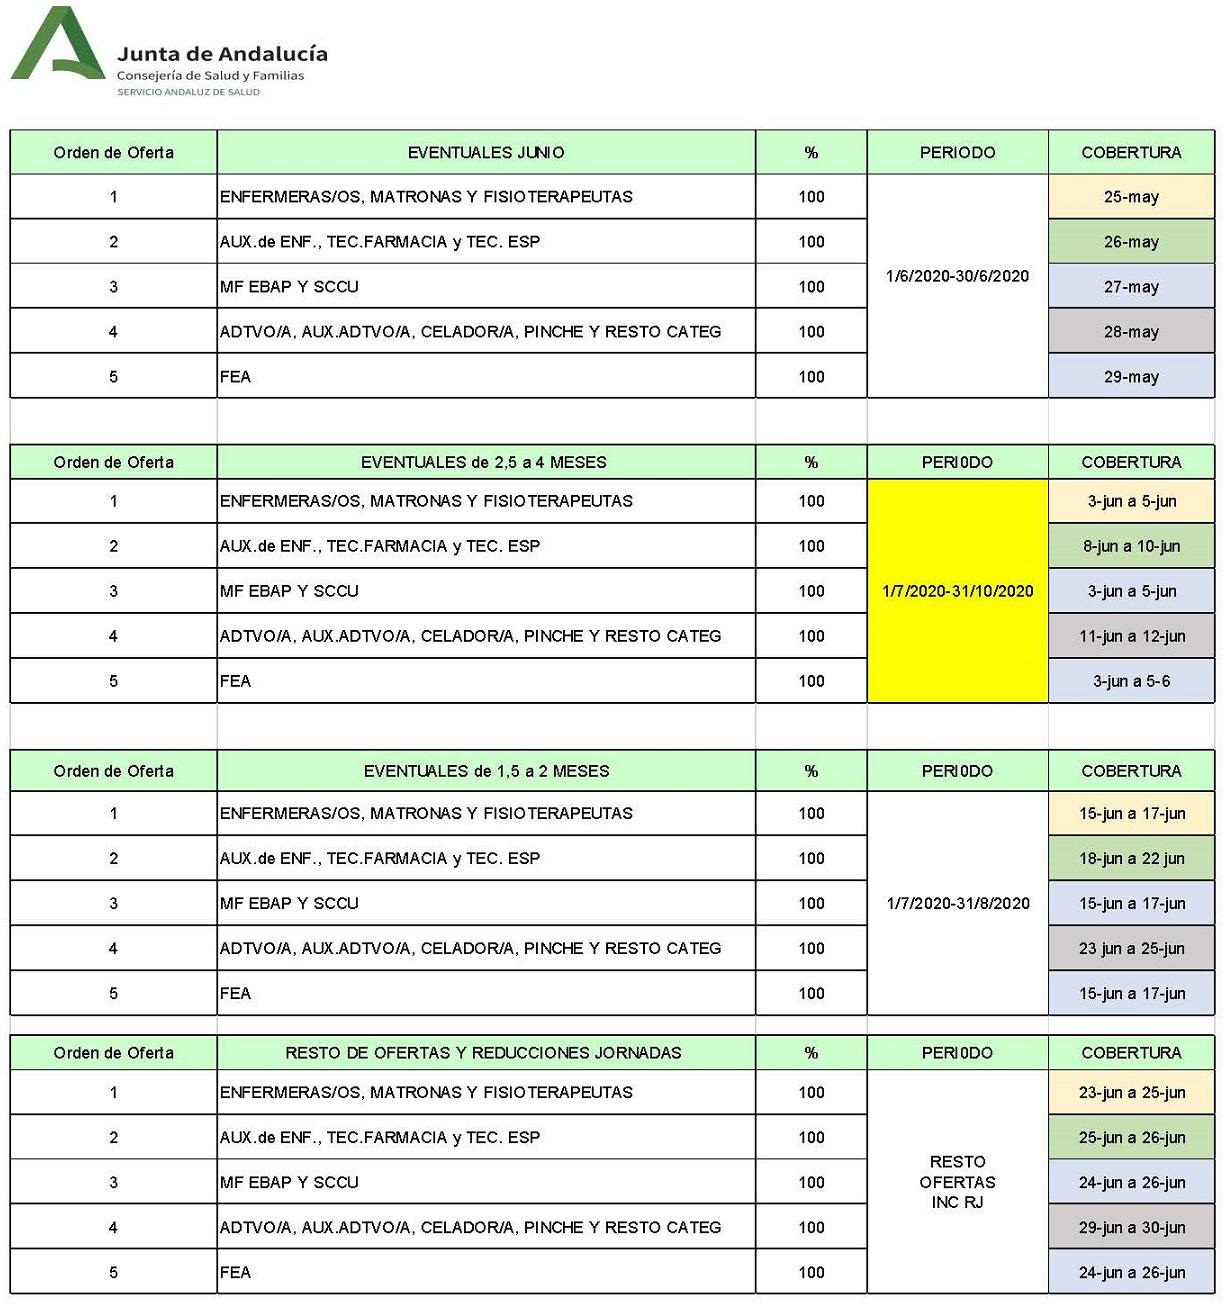 calendario de ofertas de Bolsa para Plan de Vacaciones Verano 2020